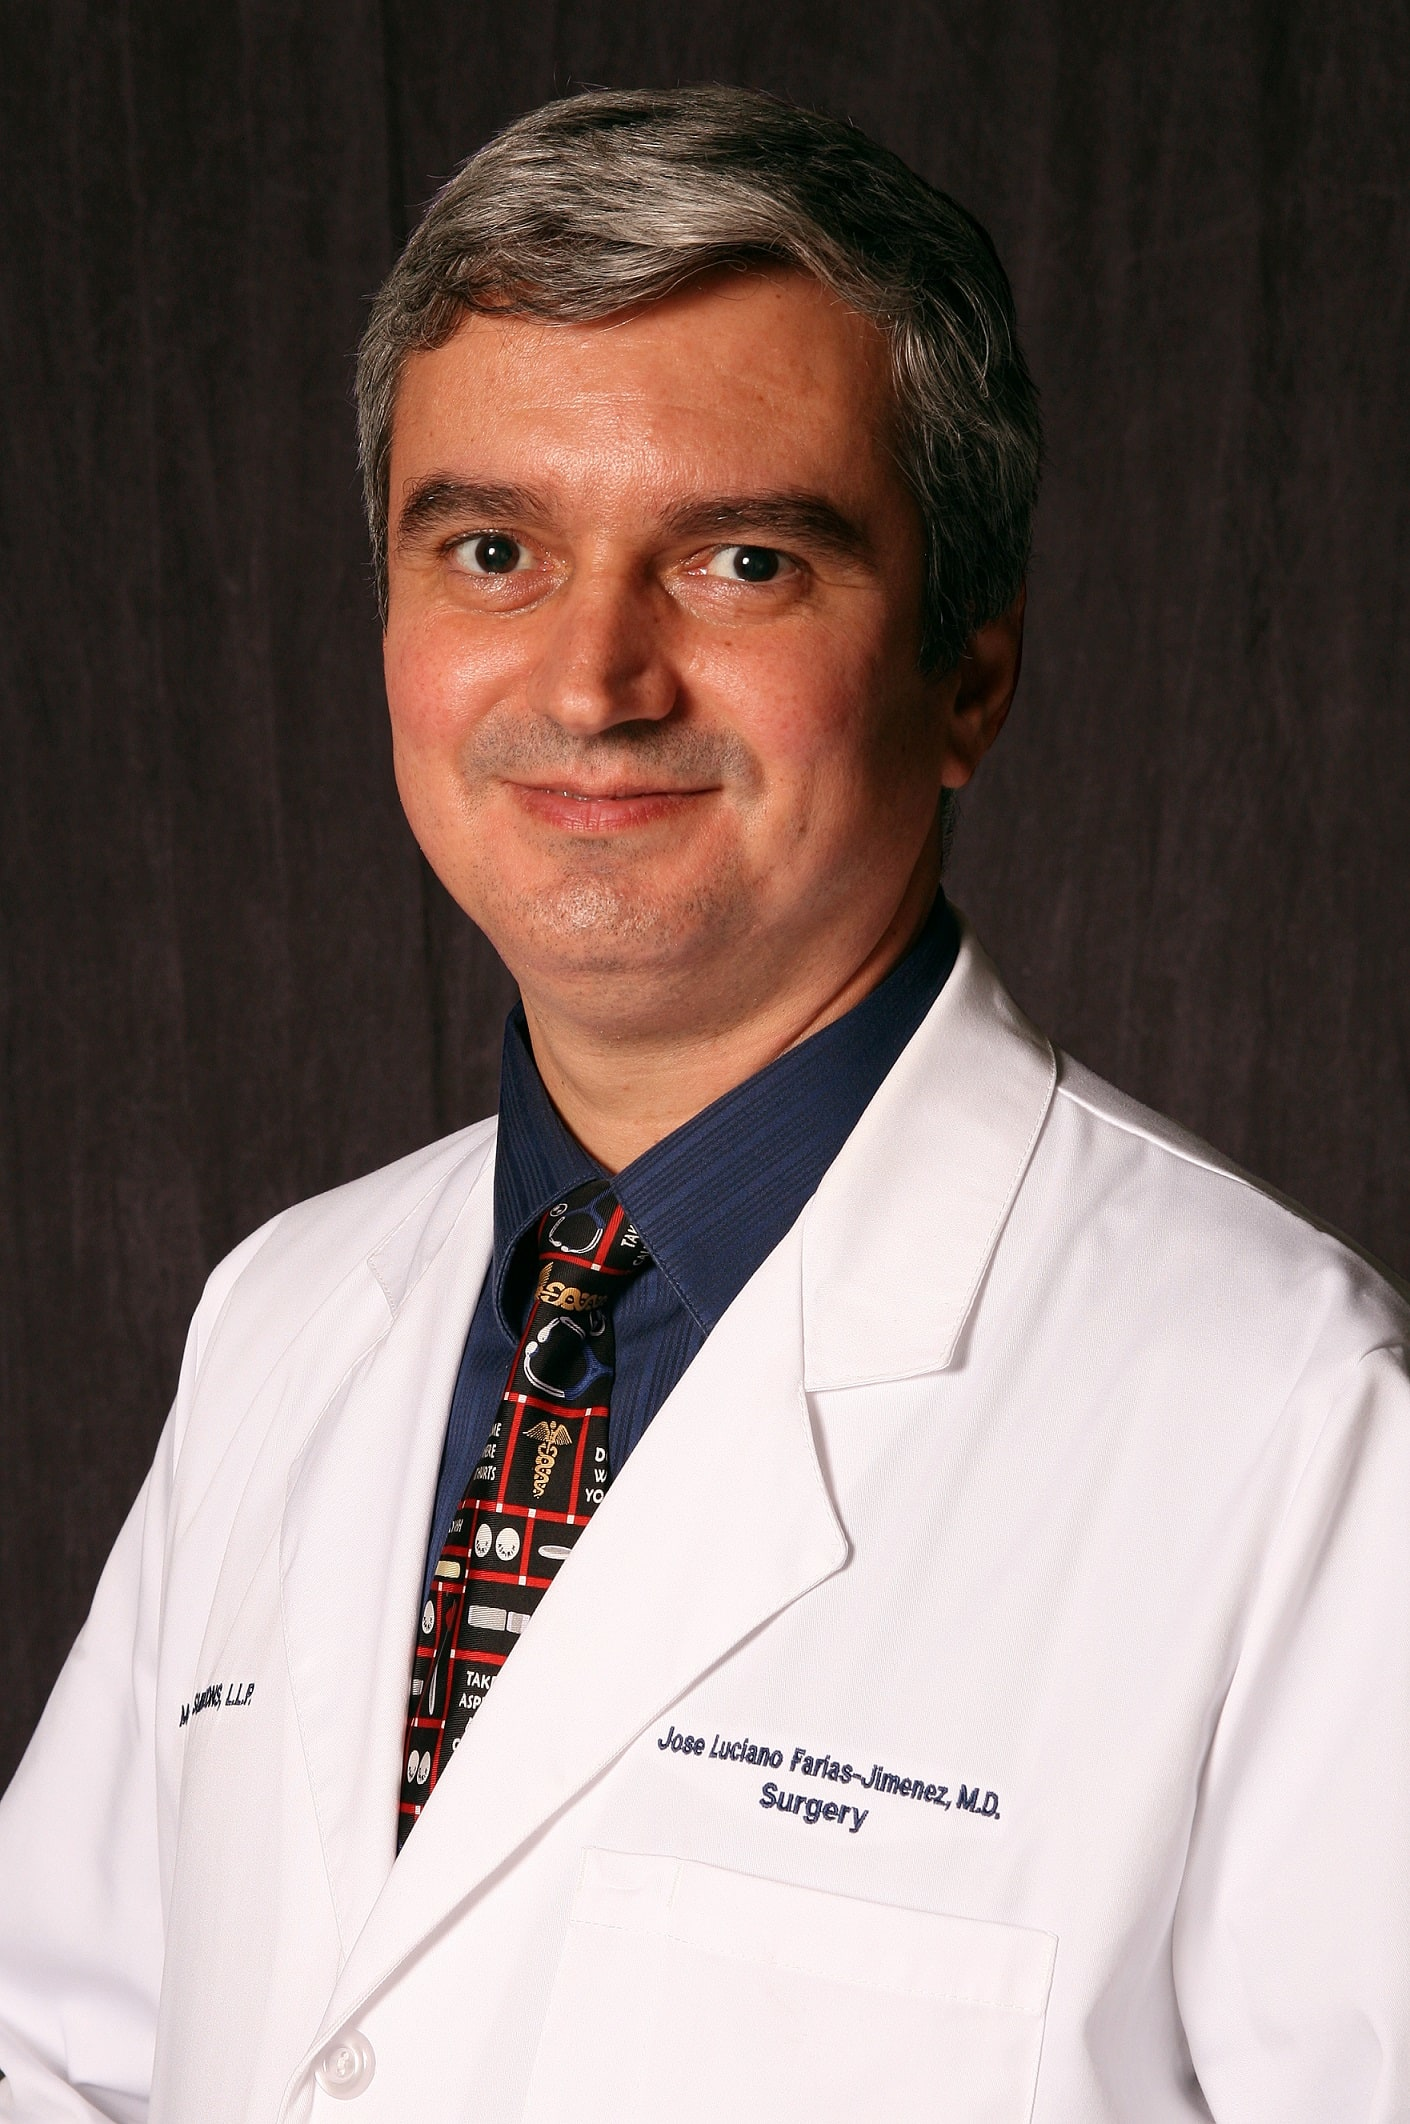 Dr. Jose Farias Jimenez MD